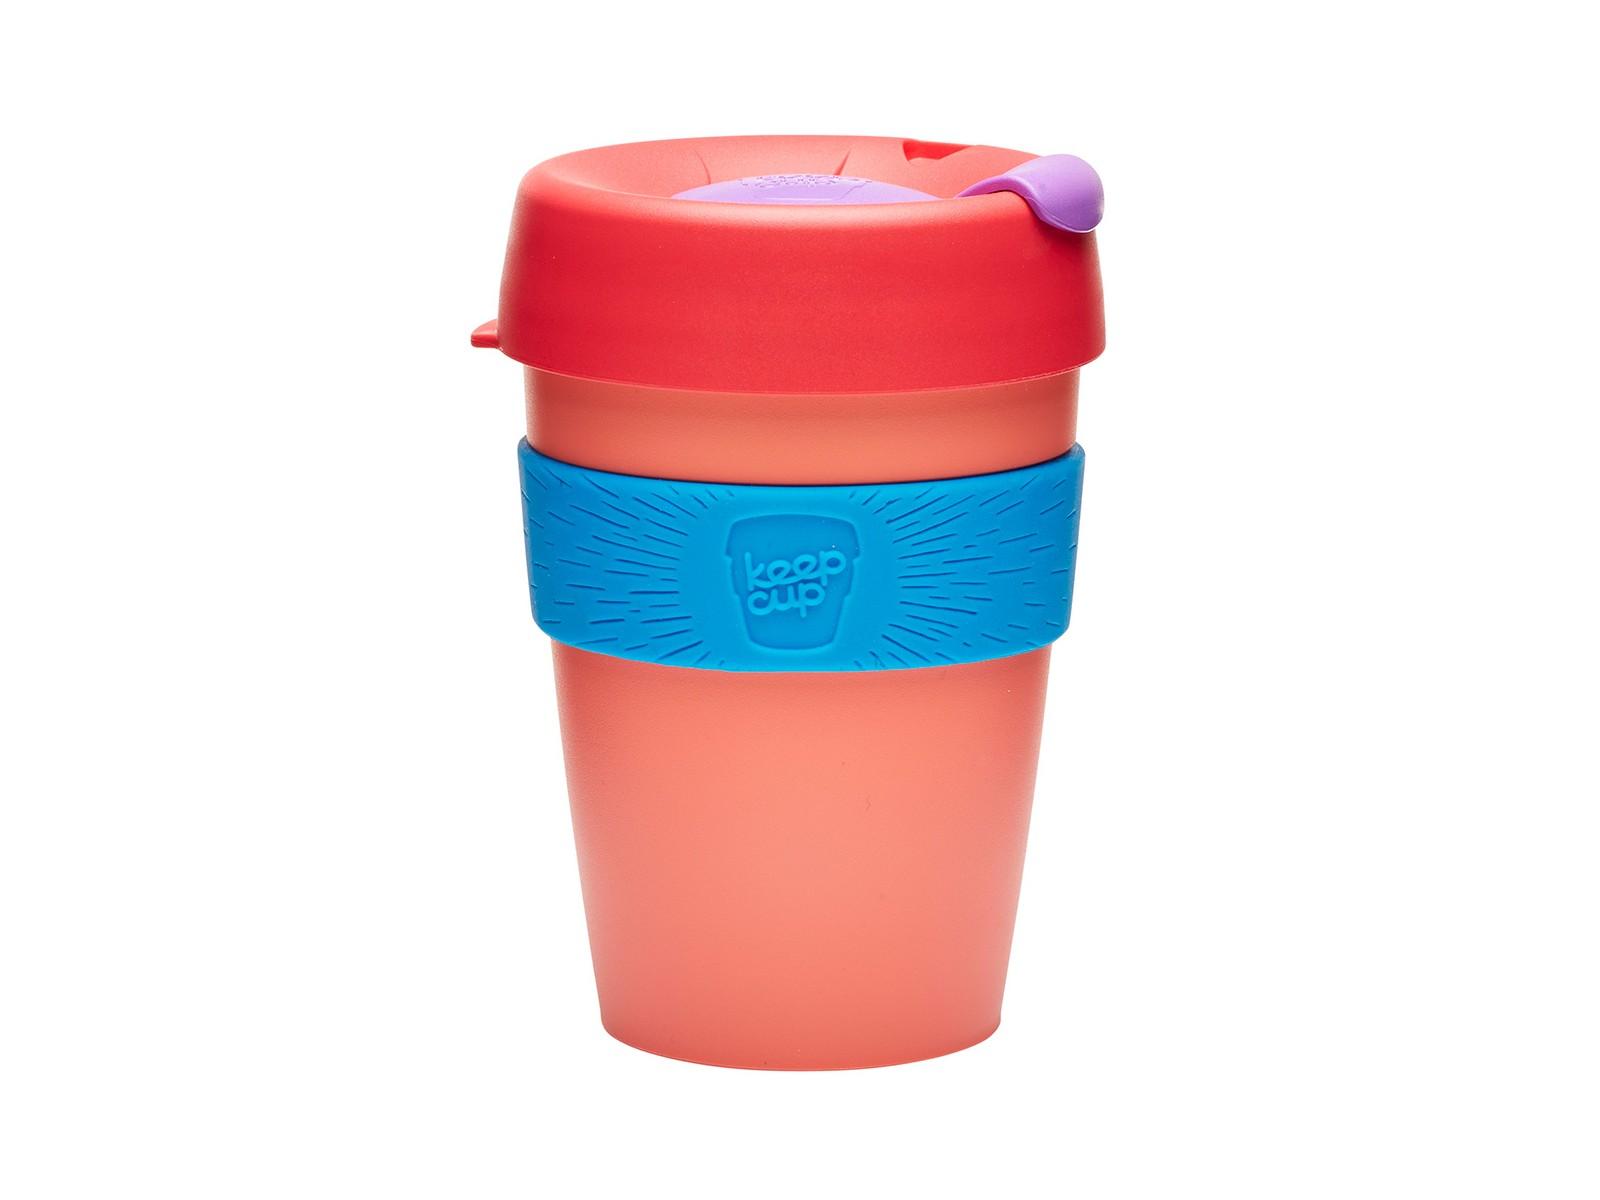 Кружка Keepcup tea roseЧайные пары, чашки и кружки<br>Кружка, созданная с мыслями о вас и о планете. Главная идея KeepCup – вдохновить любителей кофе отказаться от использования одноразовых бумажных и пластиковых стаканов, так как их производство и утилизация наносят вред окружающей среде. В год производится и выбрасывается около 500 миллиардов одноразовых стаканчиков, а ведь планета у нас всего одна! <br>Но главный плюс кружки  – привлекательный и яркий дизайн, который станет отражением вашего личного стиля. Берите ее в кафе или наливайте кофе, чай, сок дома, чтобы взять с собой - пить вкусные напитки на ходу, на работе или на пикнике. Специальная крышка с открывающимся и закрывающимся клапаном спасет от брызг, силиконовый ободок поможет не обжечься (плюс, удобно держать кружку в руках), а плотная крышка и толстые стенки сохранят напиток теплым в течение 20~30 минут. <br>Кружка сделана из нетоксичного пластика без содержания вредного бисфенола (BPA-free). Можно использовать в микроволновке и мыть в посудомоечной машине.&amp;amp;nbsp;&amp;lt;div&amp;gt;&amp;lt;br&amp;gt;&amp;lt;/div&amp;gt;&amp;lt;div&amp;gt;Объем: 340 мл.&amp;lt;br&amp;gt;&amp;lt;/div&amp;gt;<br><br>Material: Пластик<br>Height см: 13<br>Diameter см: 8,8